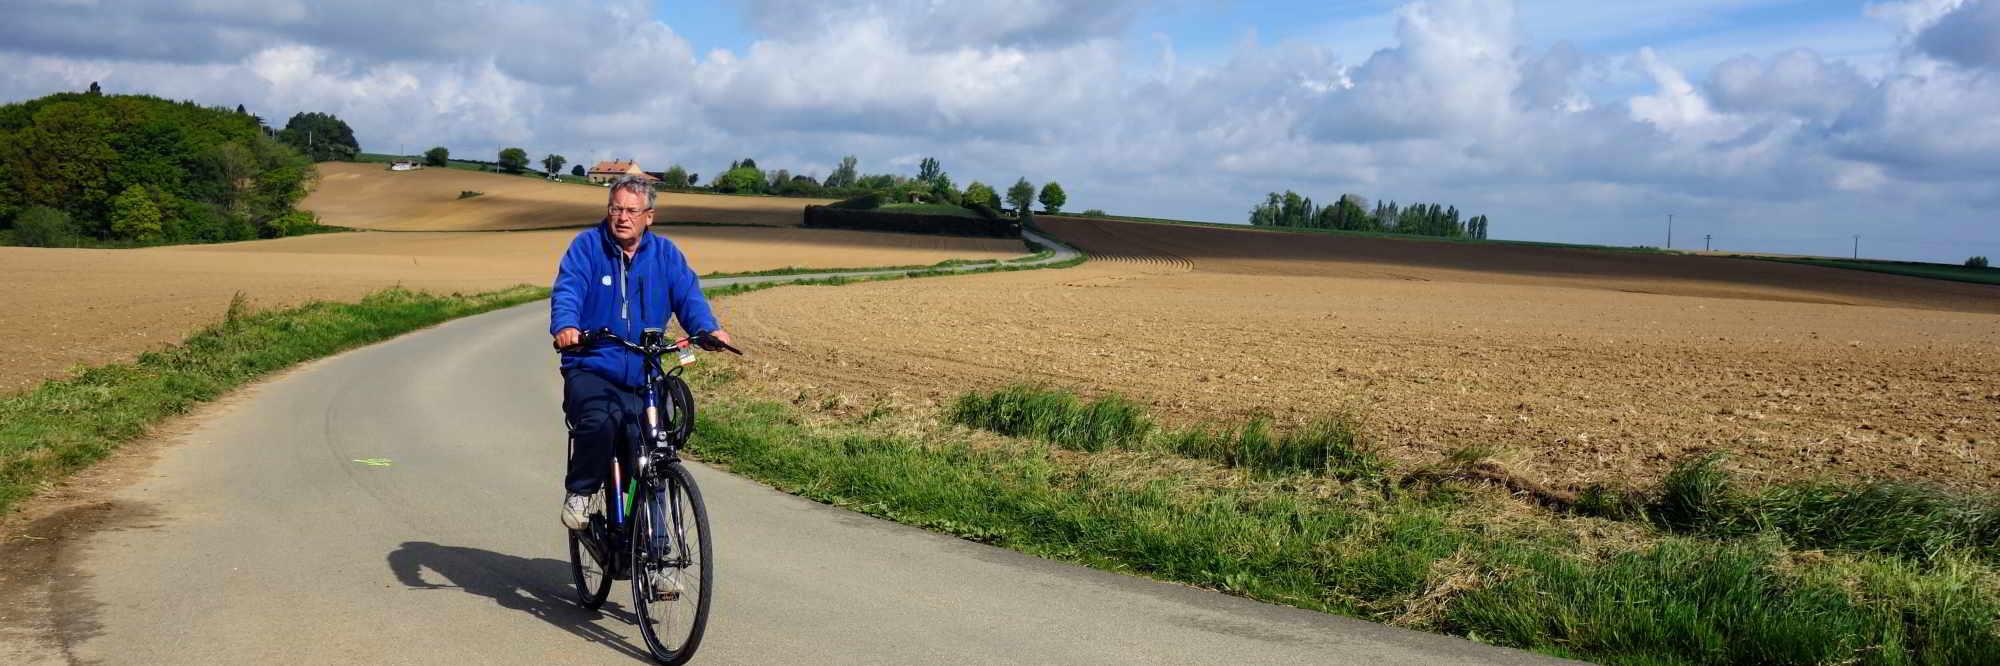 headerfoto fietsknooppunten noord-frankrijk